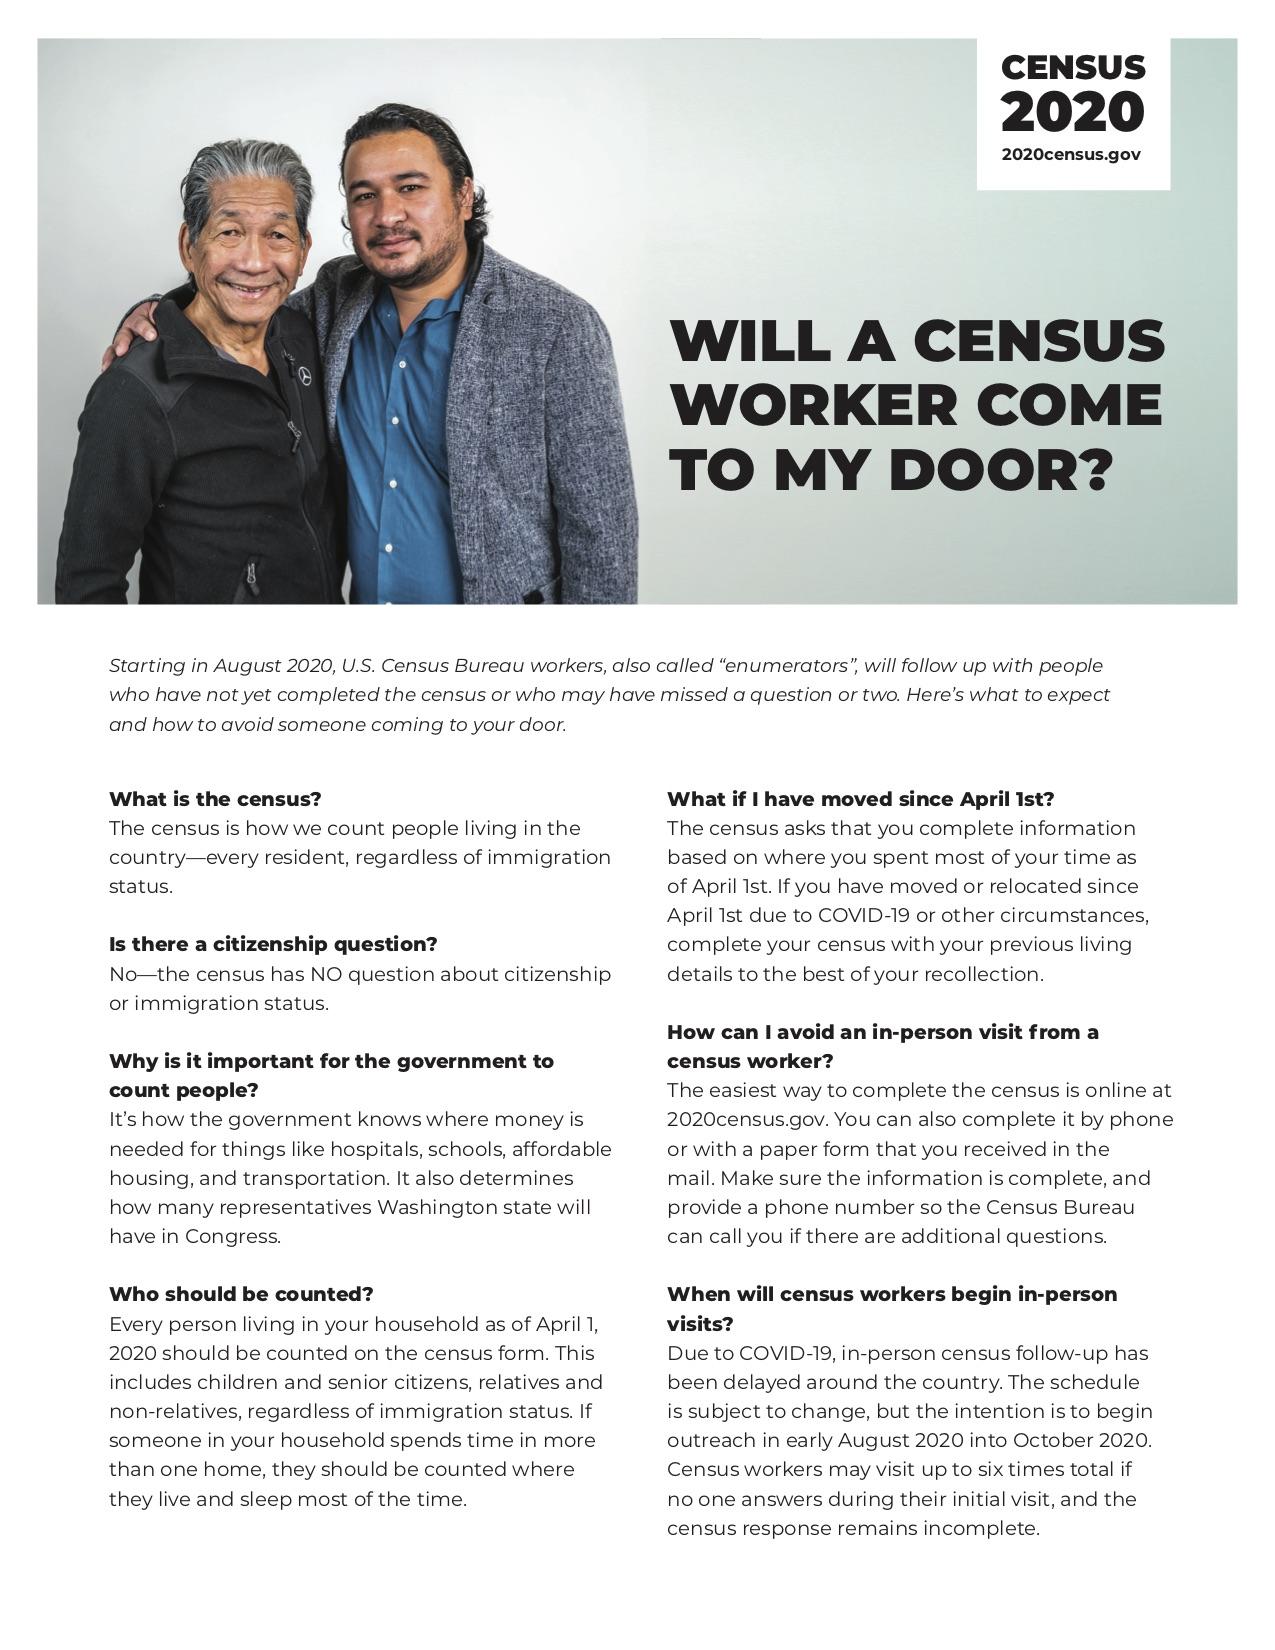 Census Nrfu Flyer Eng Img